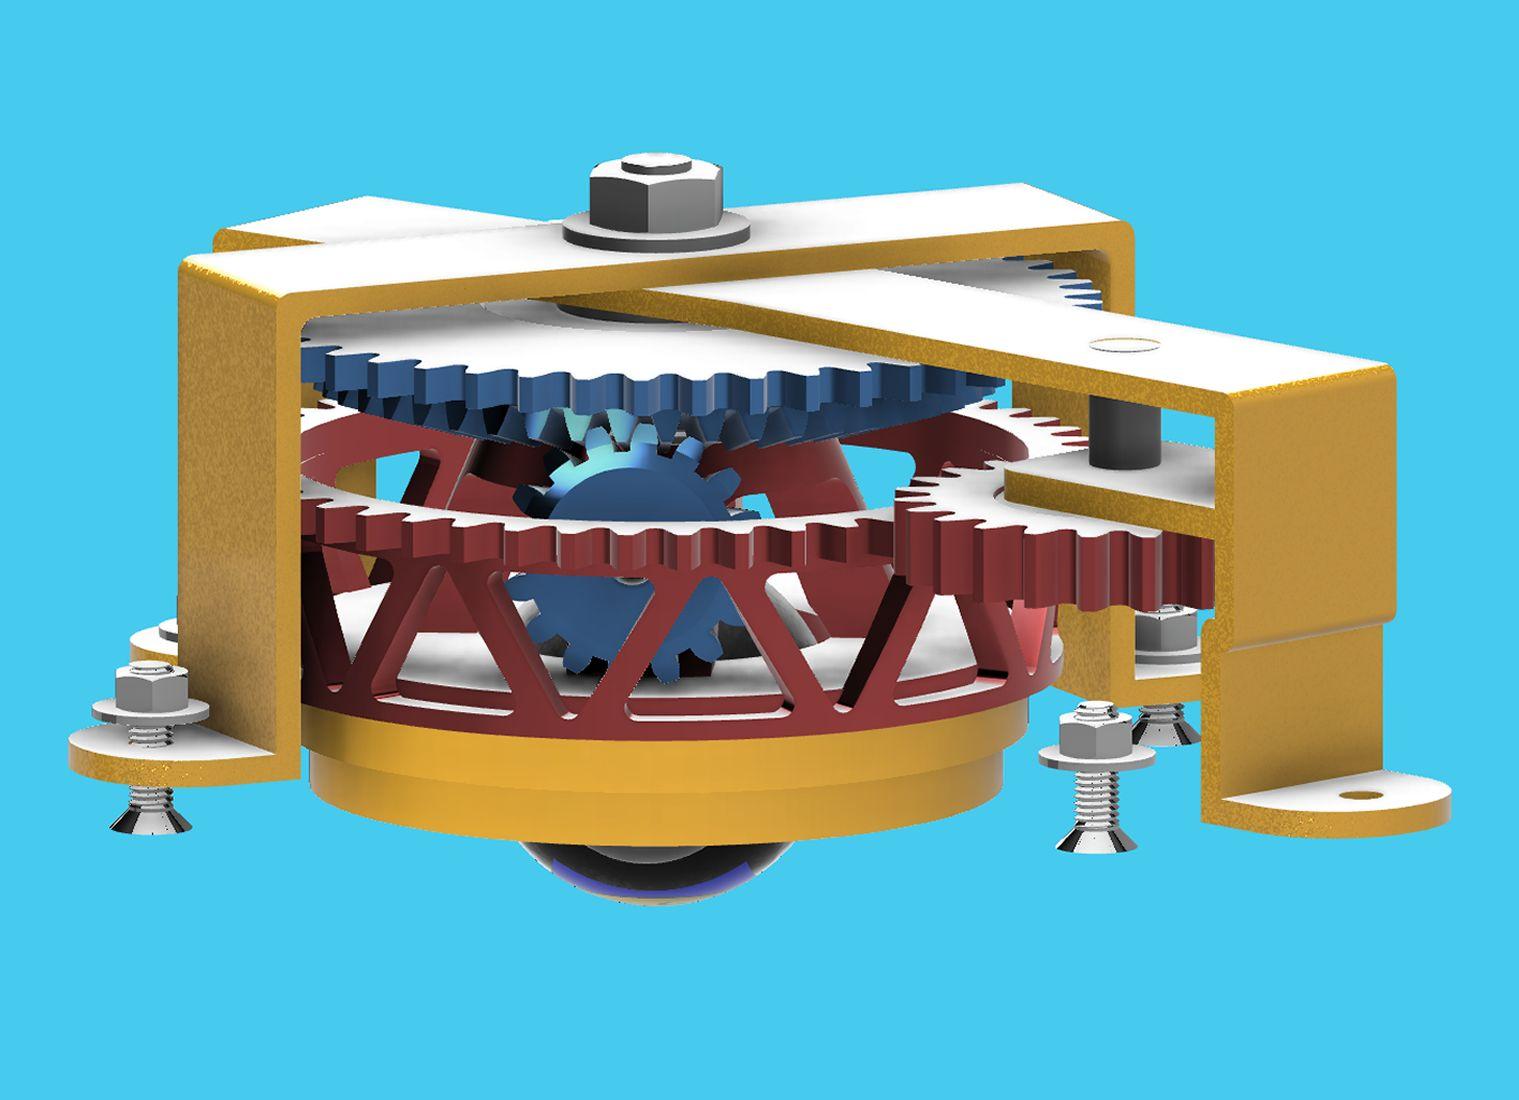 Robocombo-mod4-g1-3500-3500